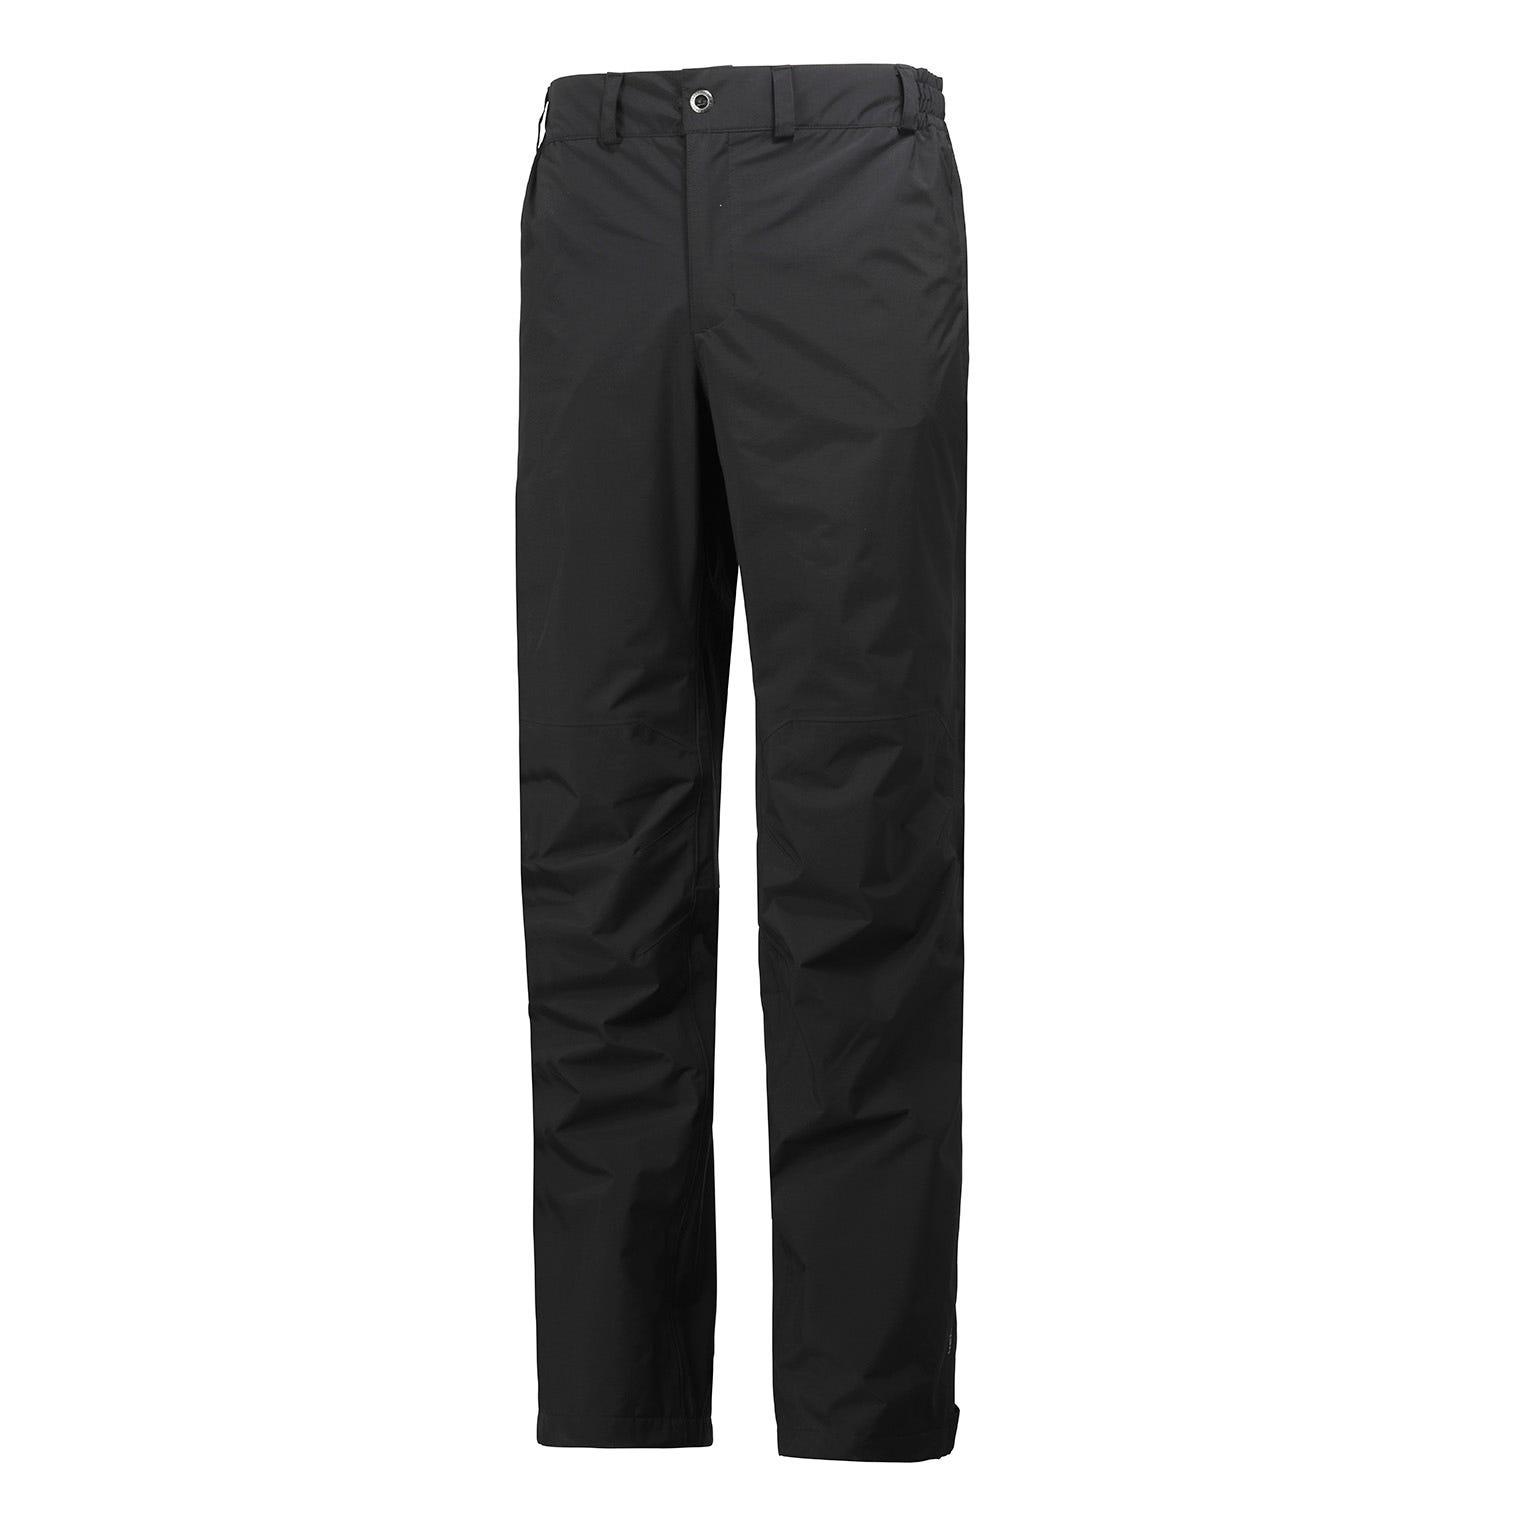 Helly Hansen hombres empaquetable pantalon de agua Negro L